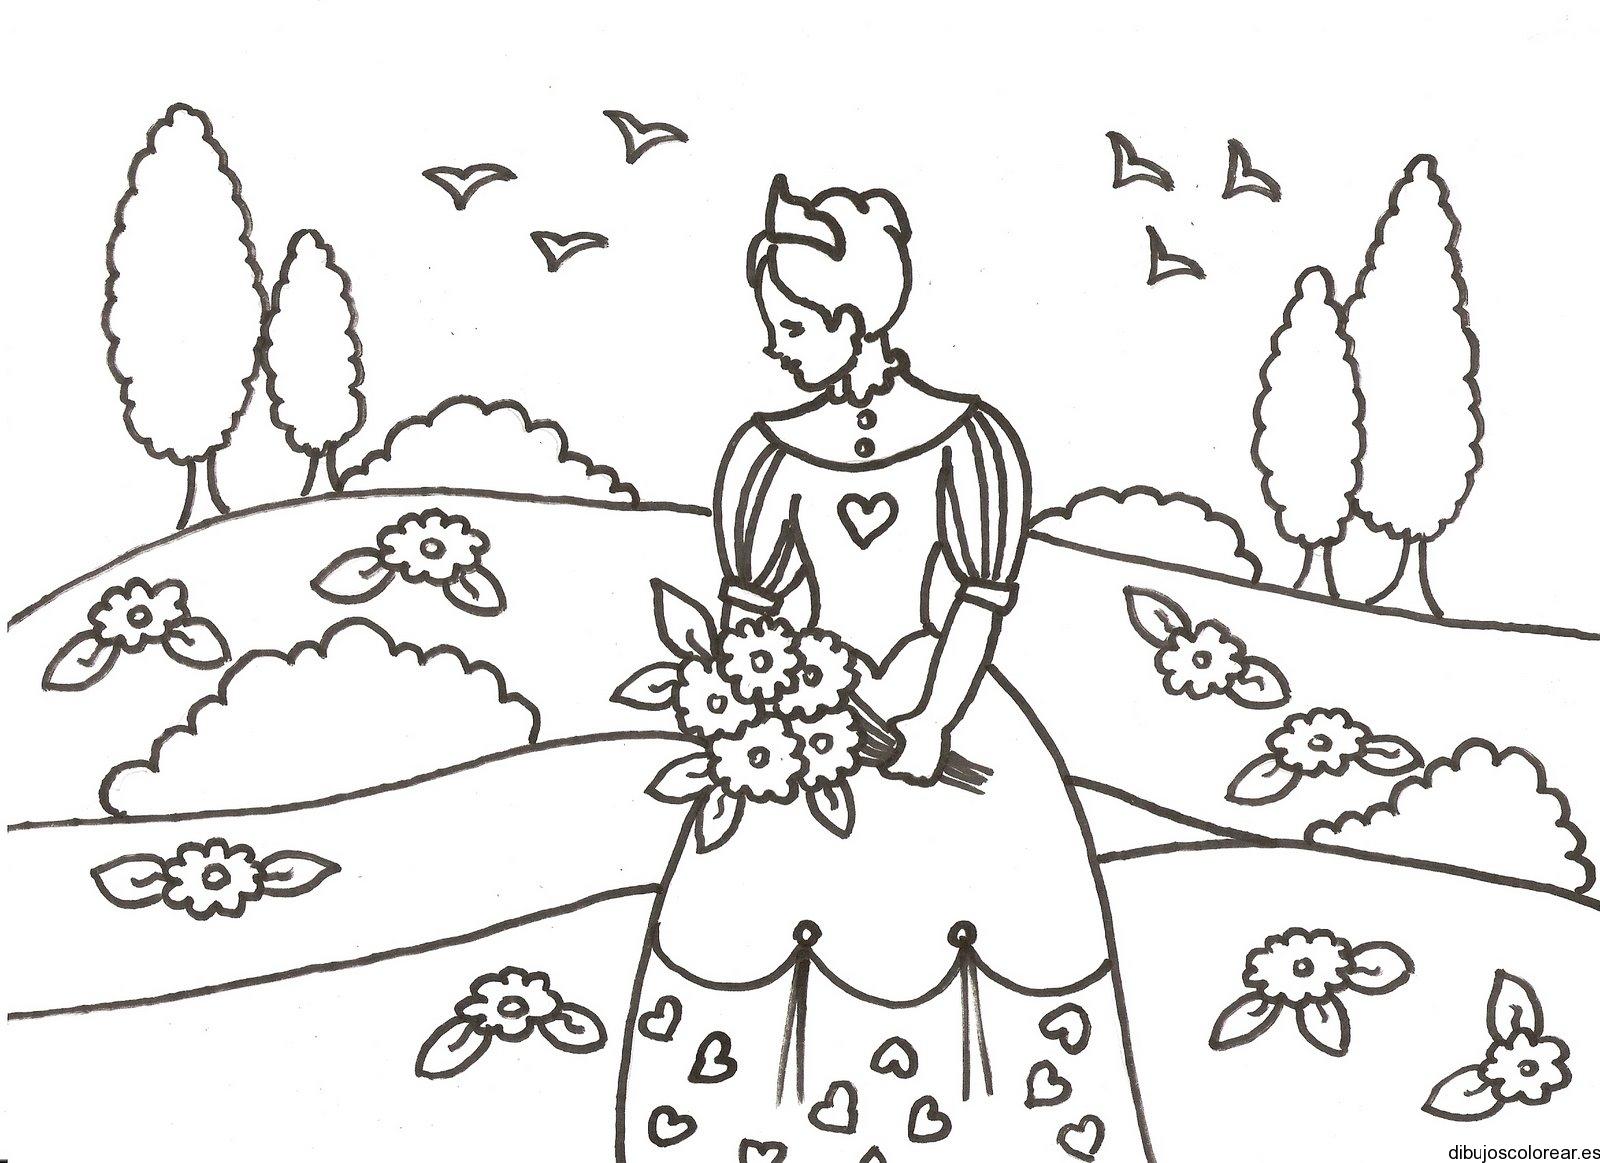 Dibujo de una princesa con ramo de flores